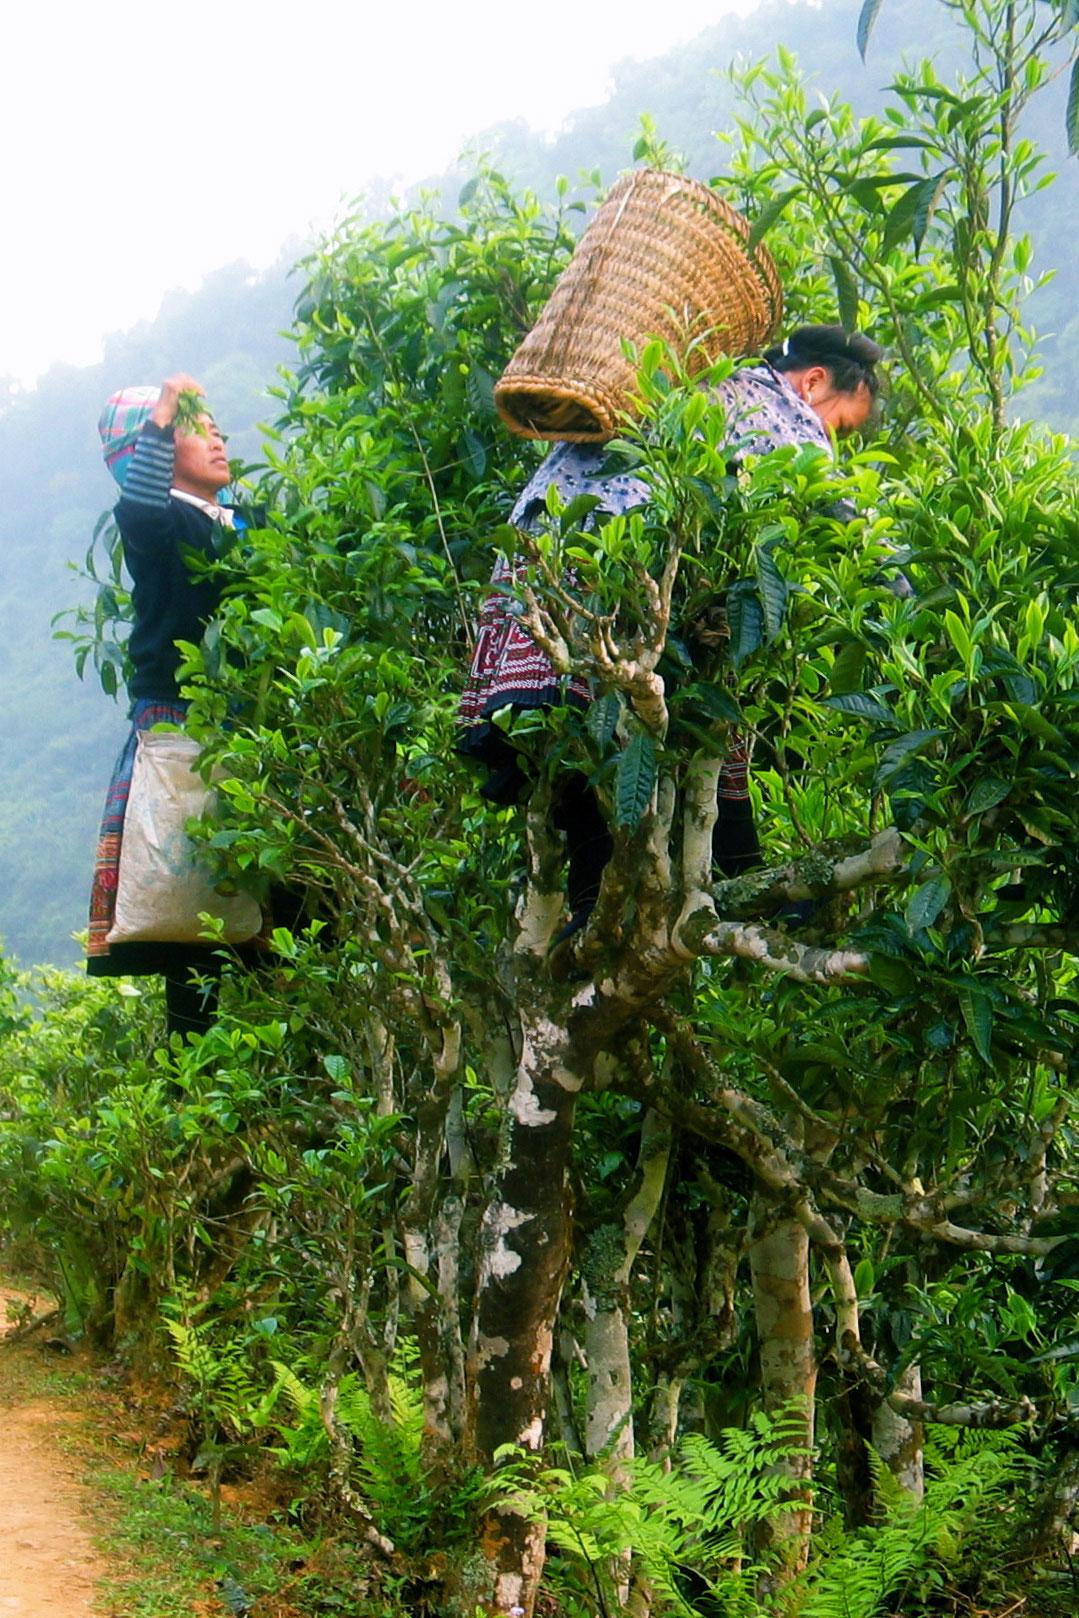 Zwei Frauen ernten Tee in Vietnam und klettern dafür mit Bastkörben auf dem Rücken die Teebäume hoch.